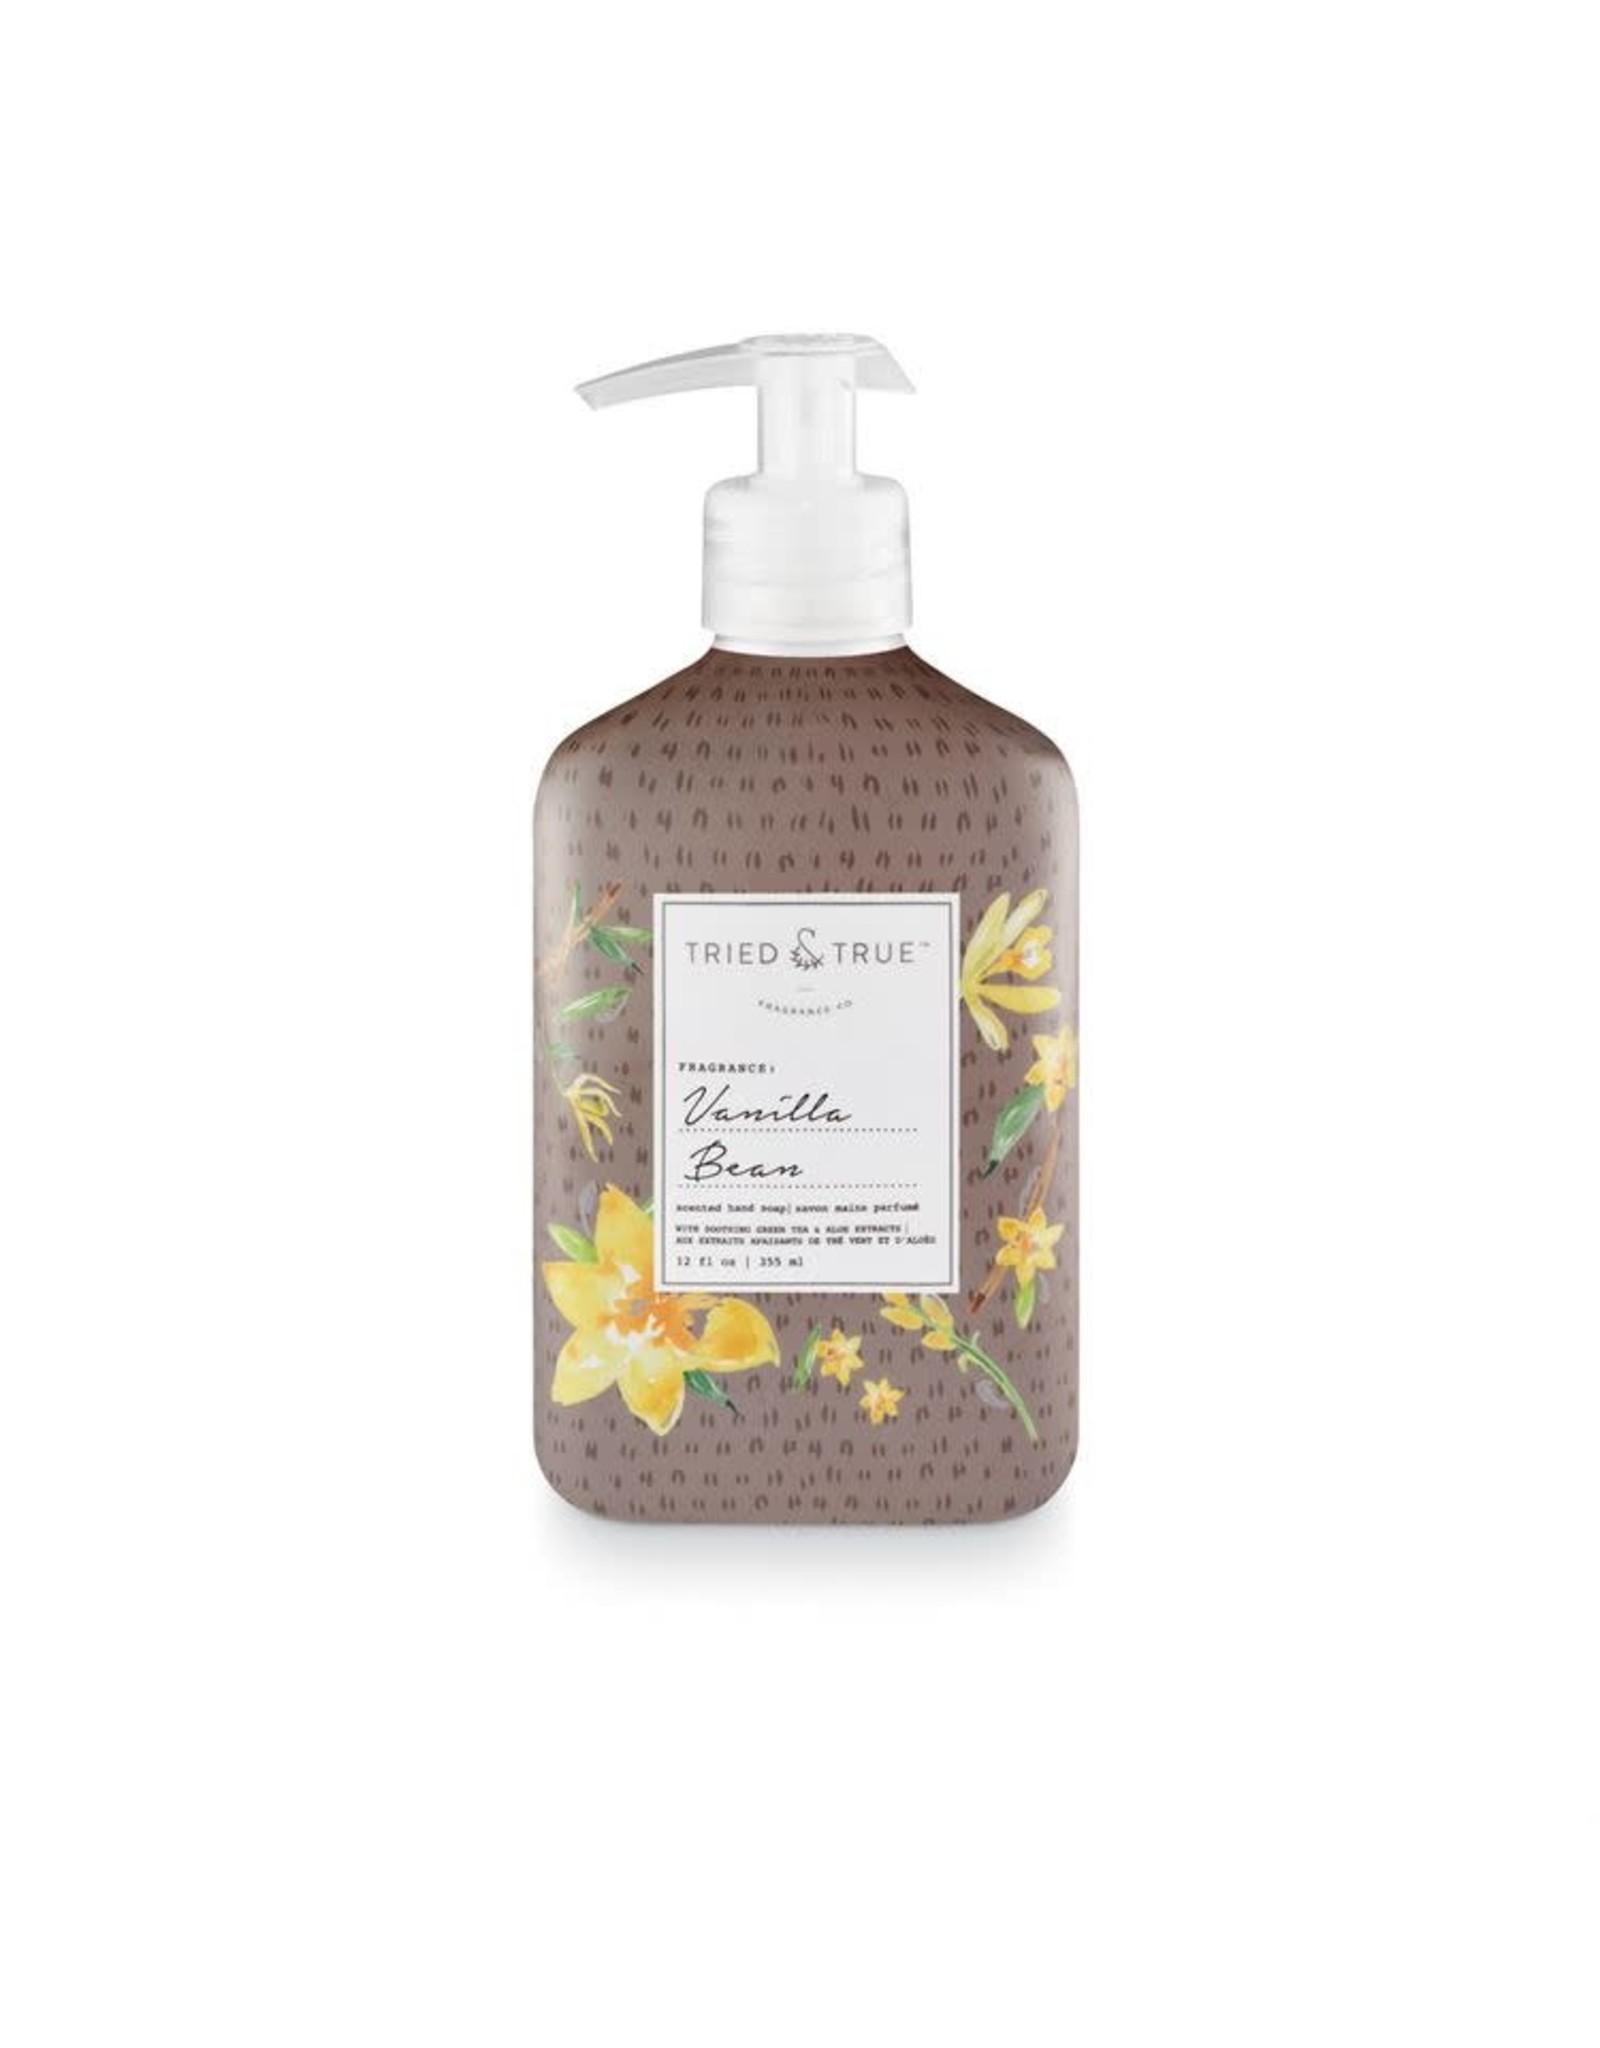 Tried & True 12 oz Hand Wash - Vanilla Bean